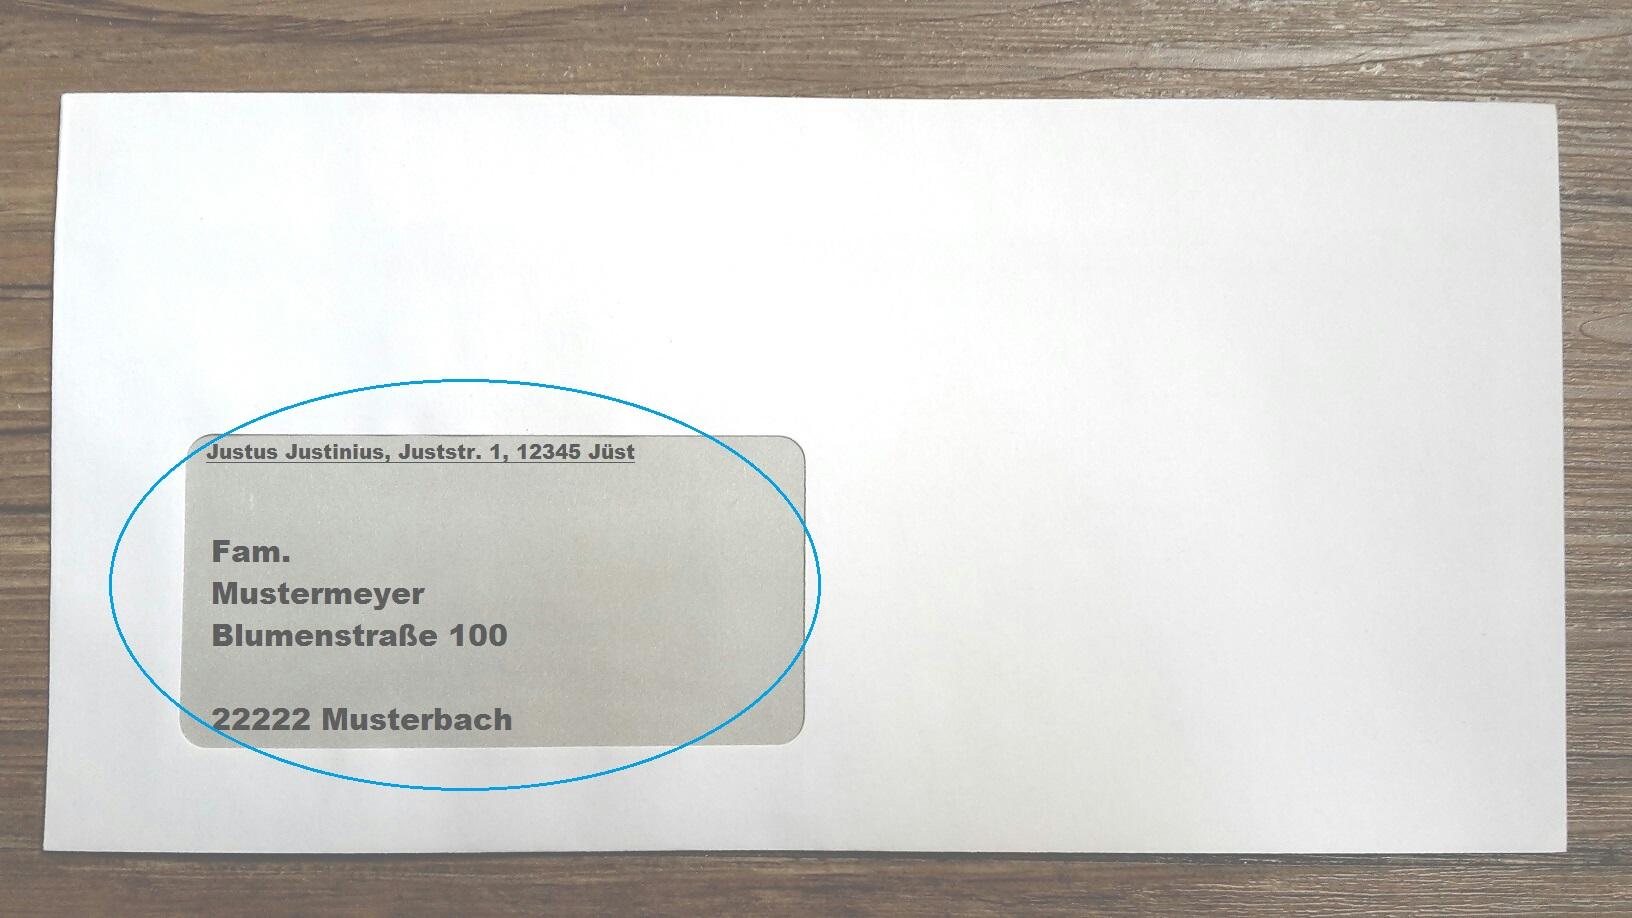 Briefe Beschriften Grundschule : Briefe und pakete richtig beschriften für deutschland